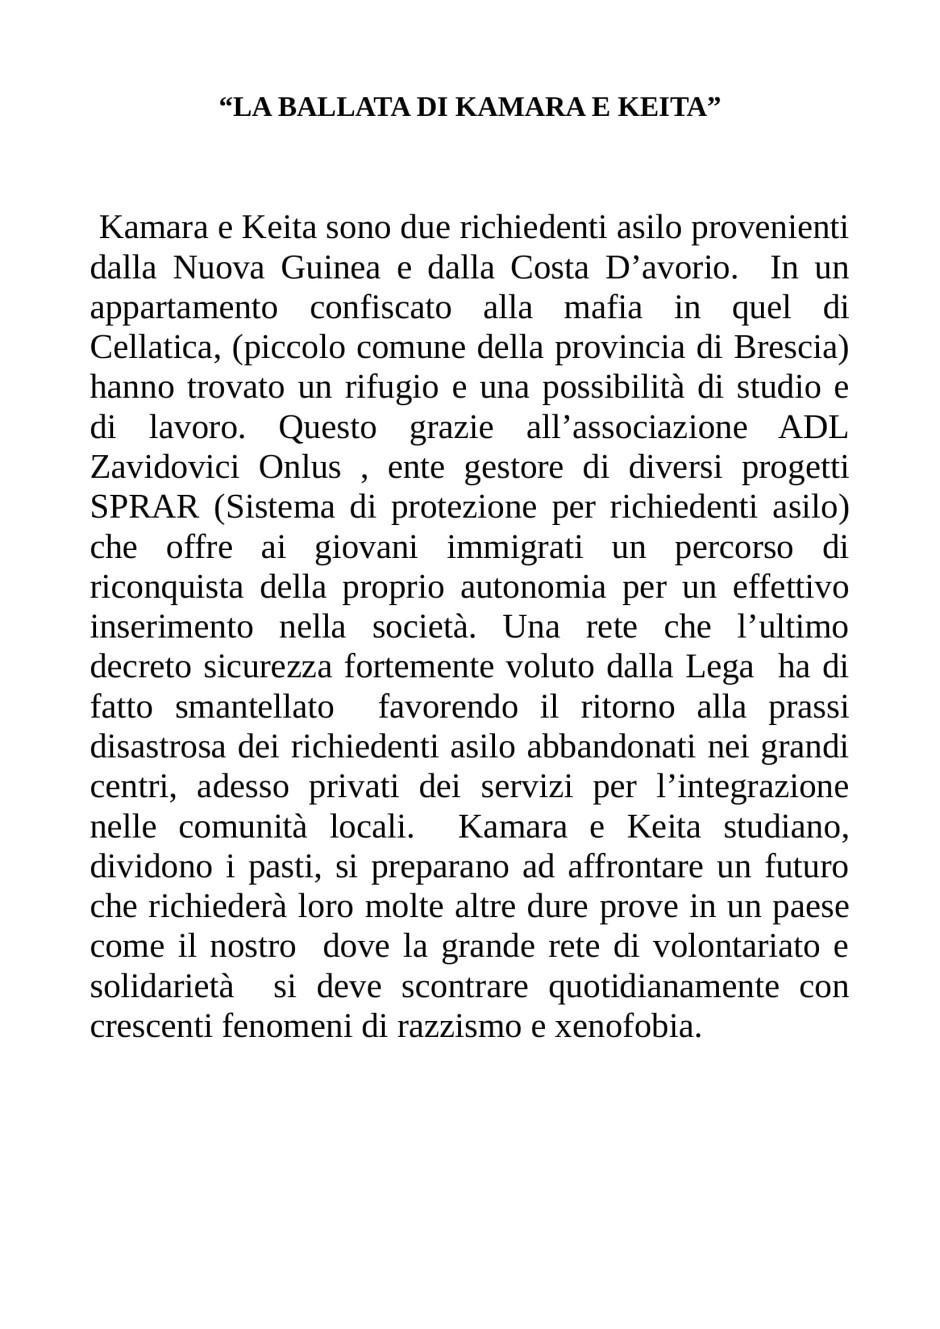 LA BALLATA DI KAMARA E KEITA-1